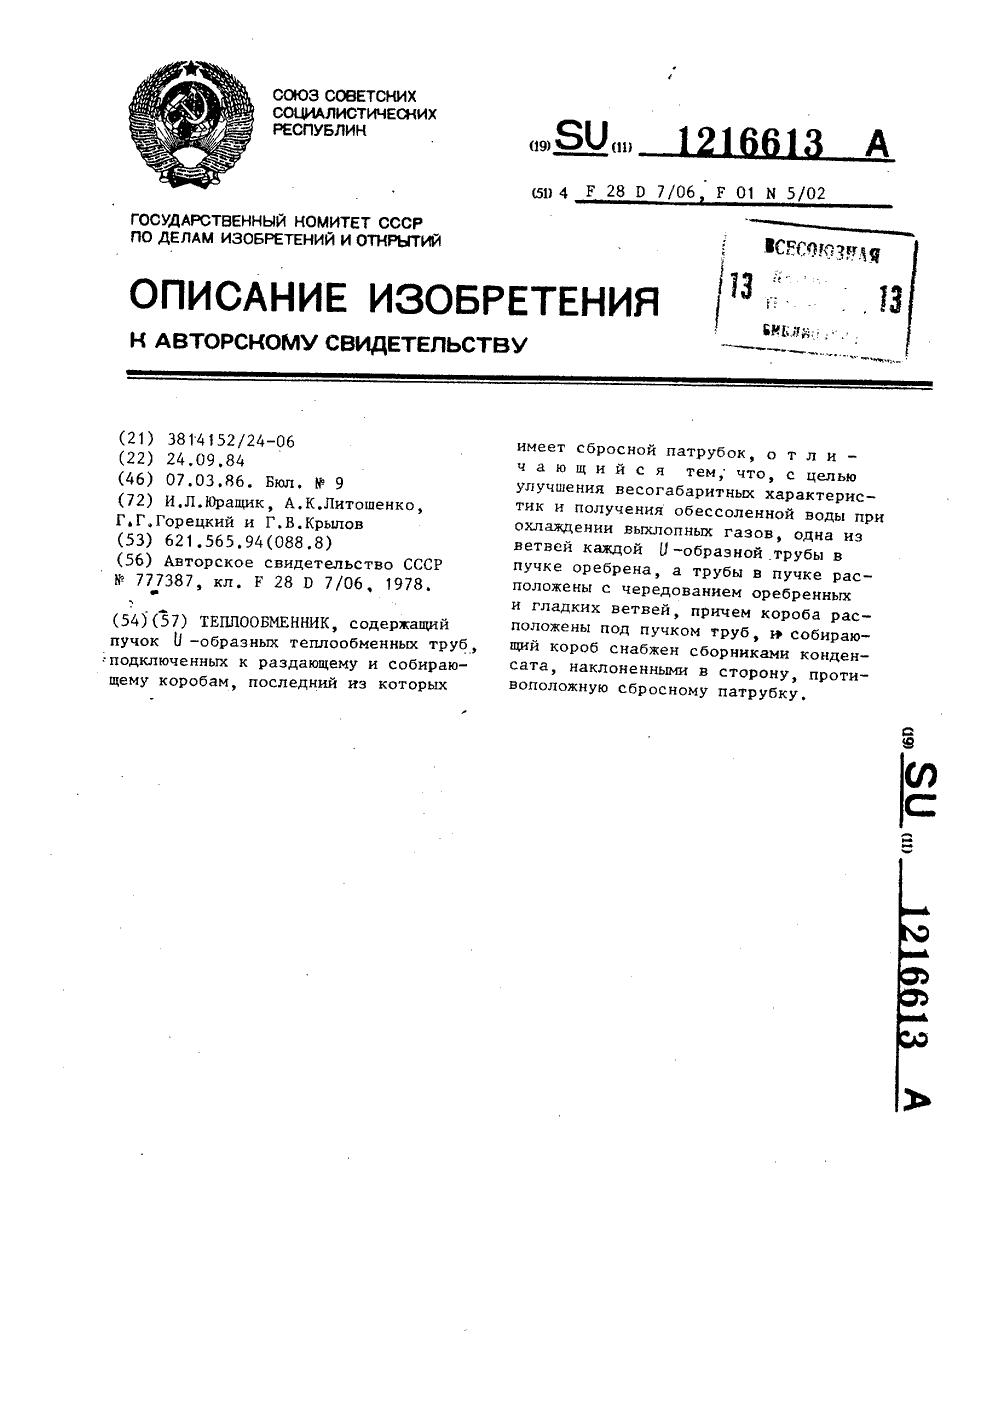 Теплообменник su Кожухотрубный испаритель WTK TCE 143 Сергиев Посад